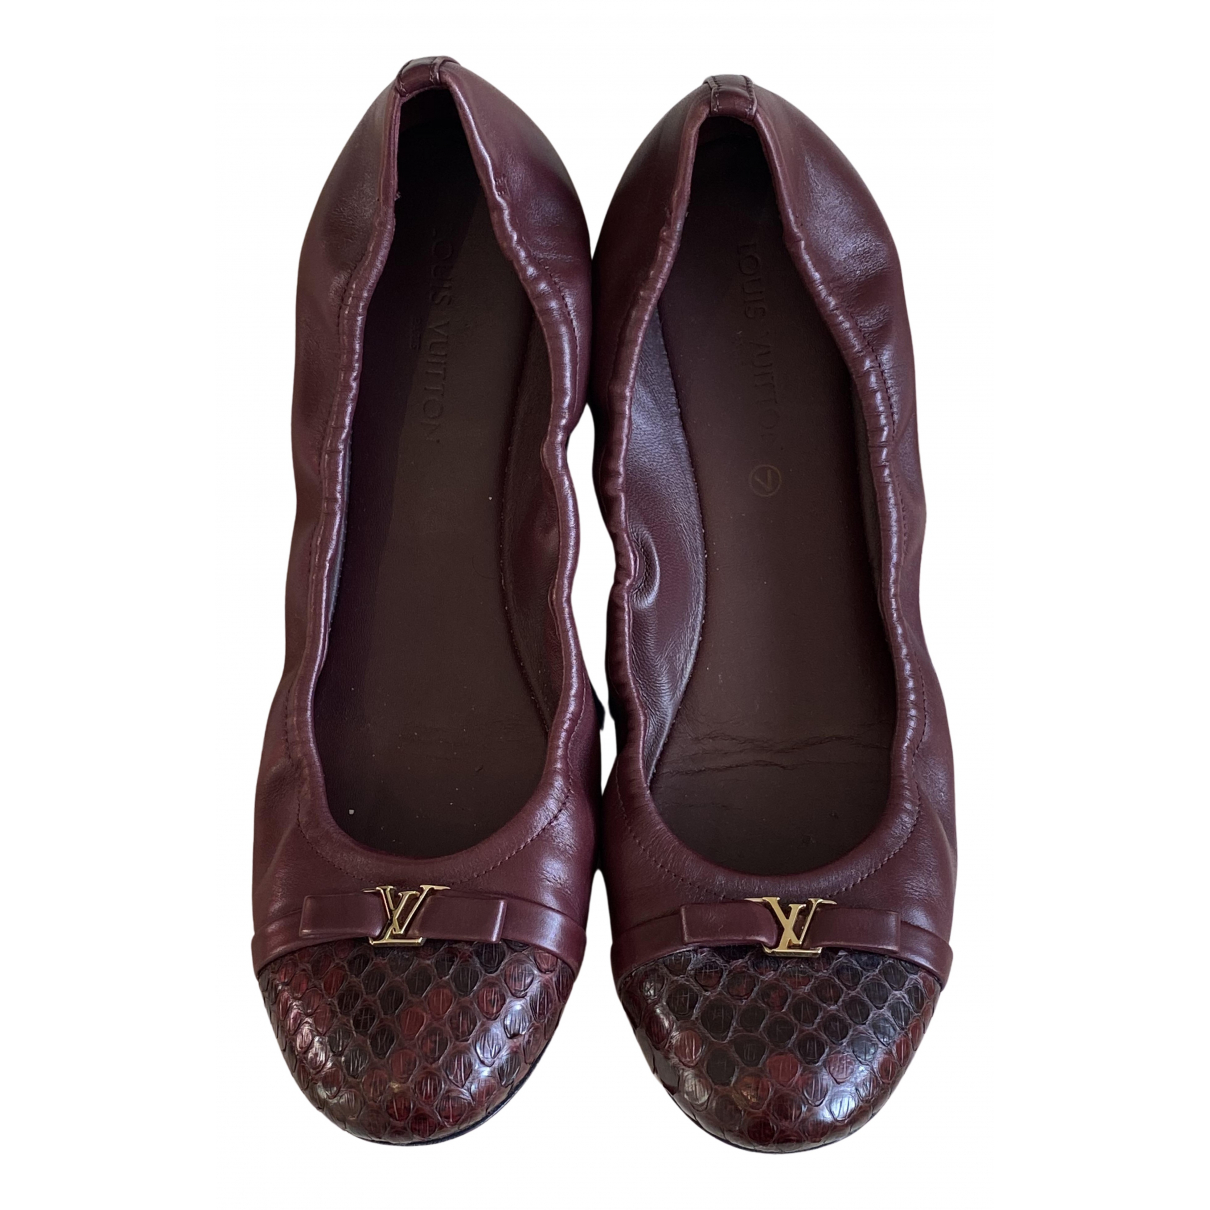 Louis Vuitton - Ballerines   pour femme en cuir - bordeaux